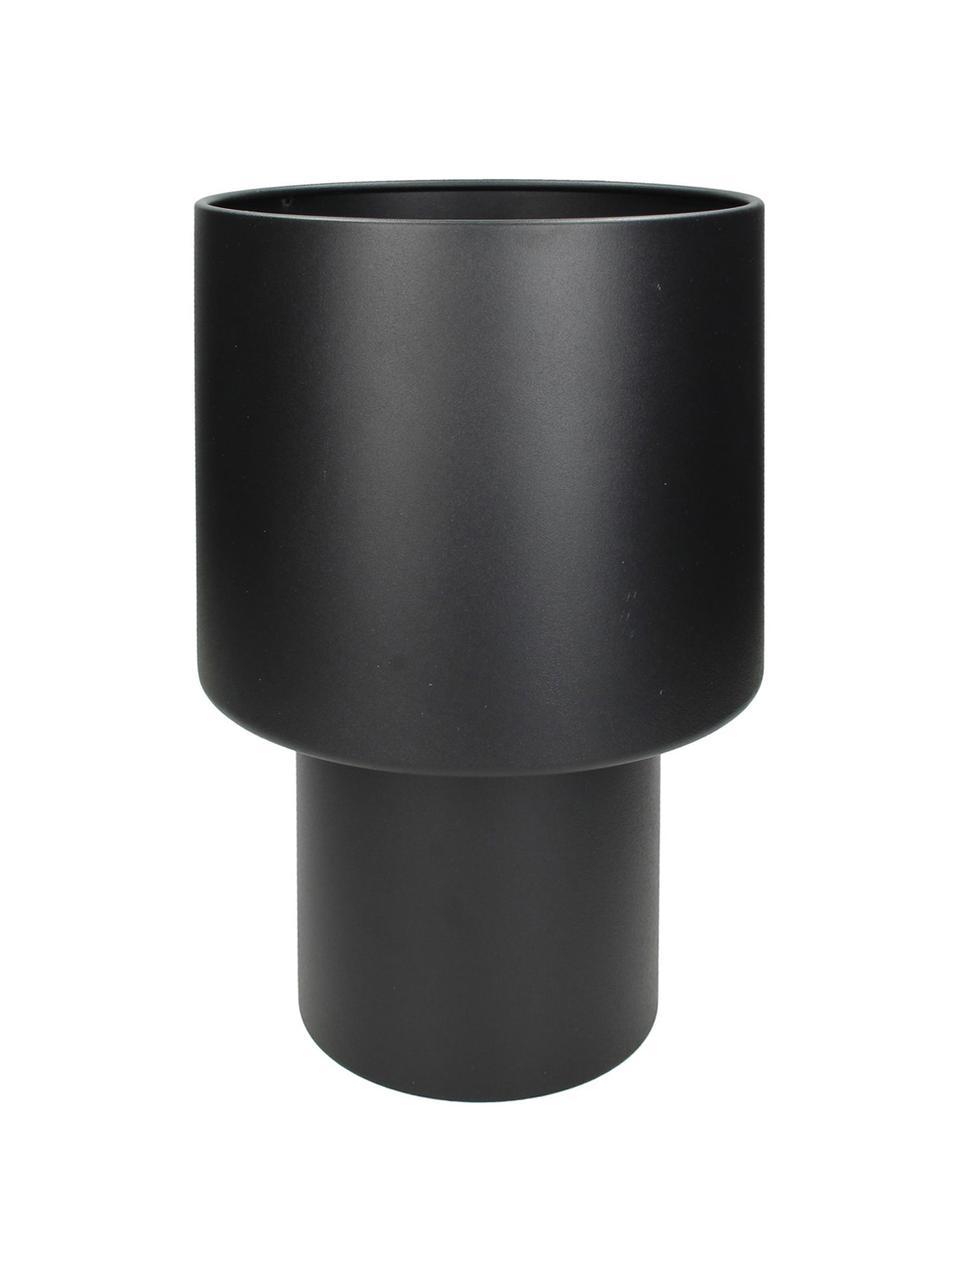 Übertopf Glavus aus Metall, Metall, beschichtet, Schwarz, Ø 23 x H 35 cm